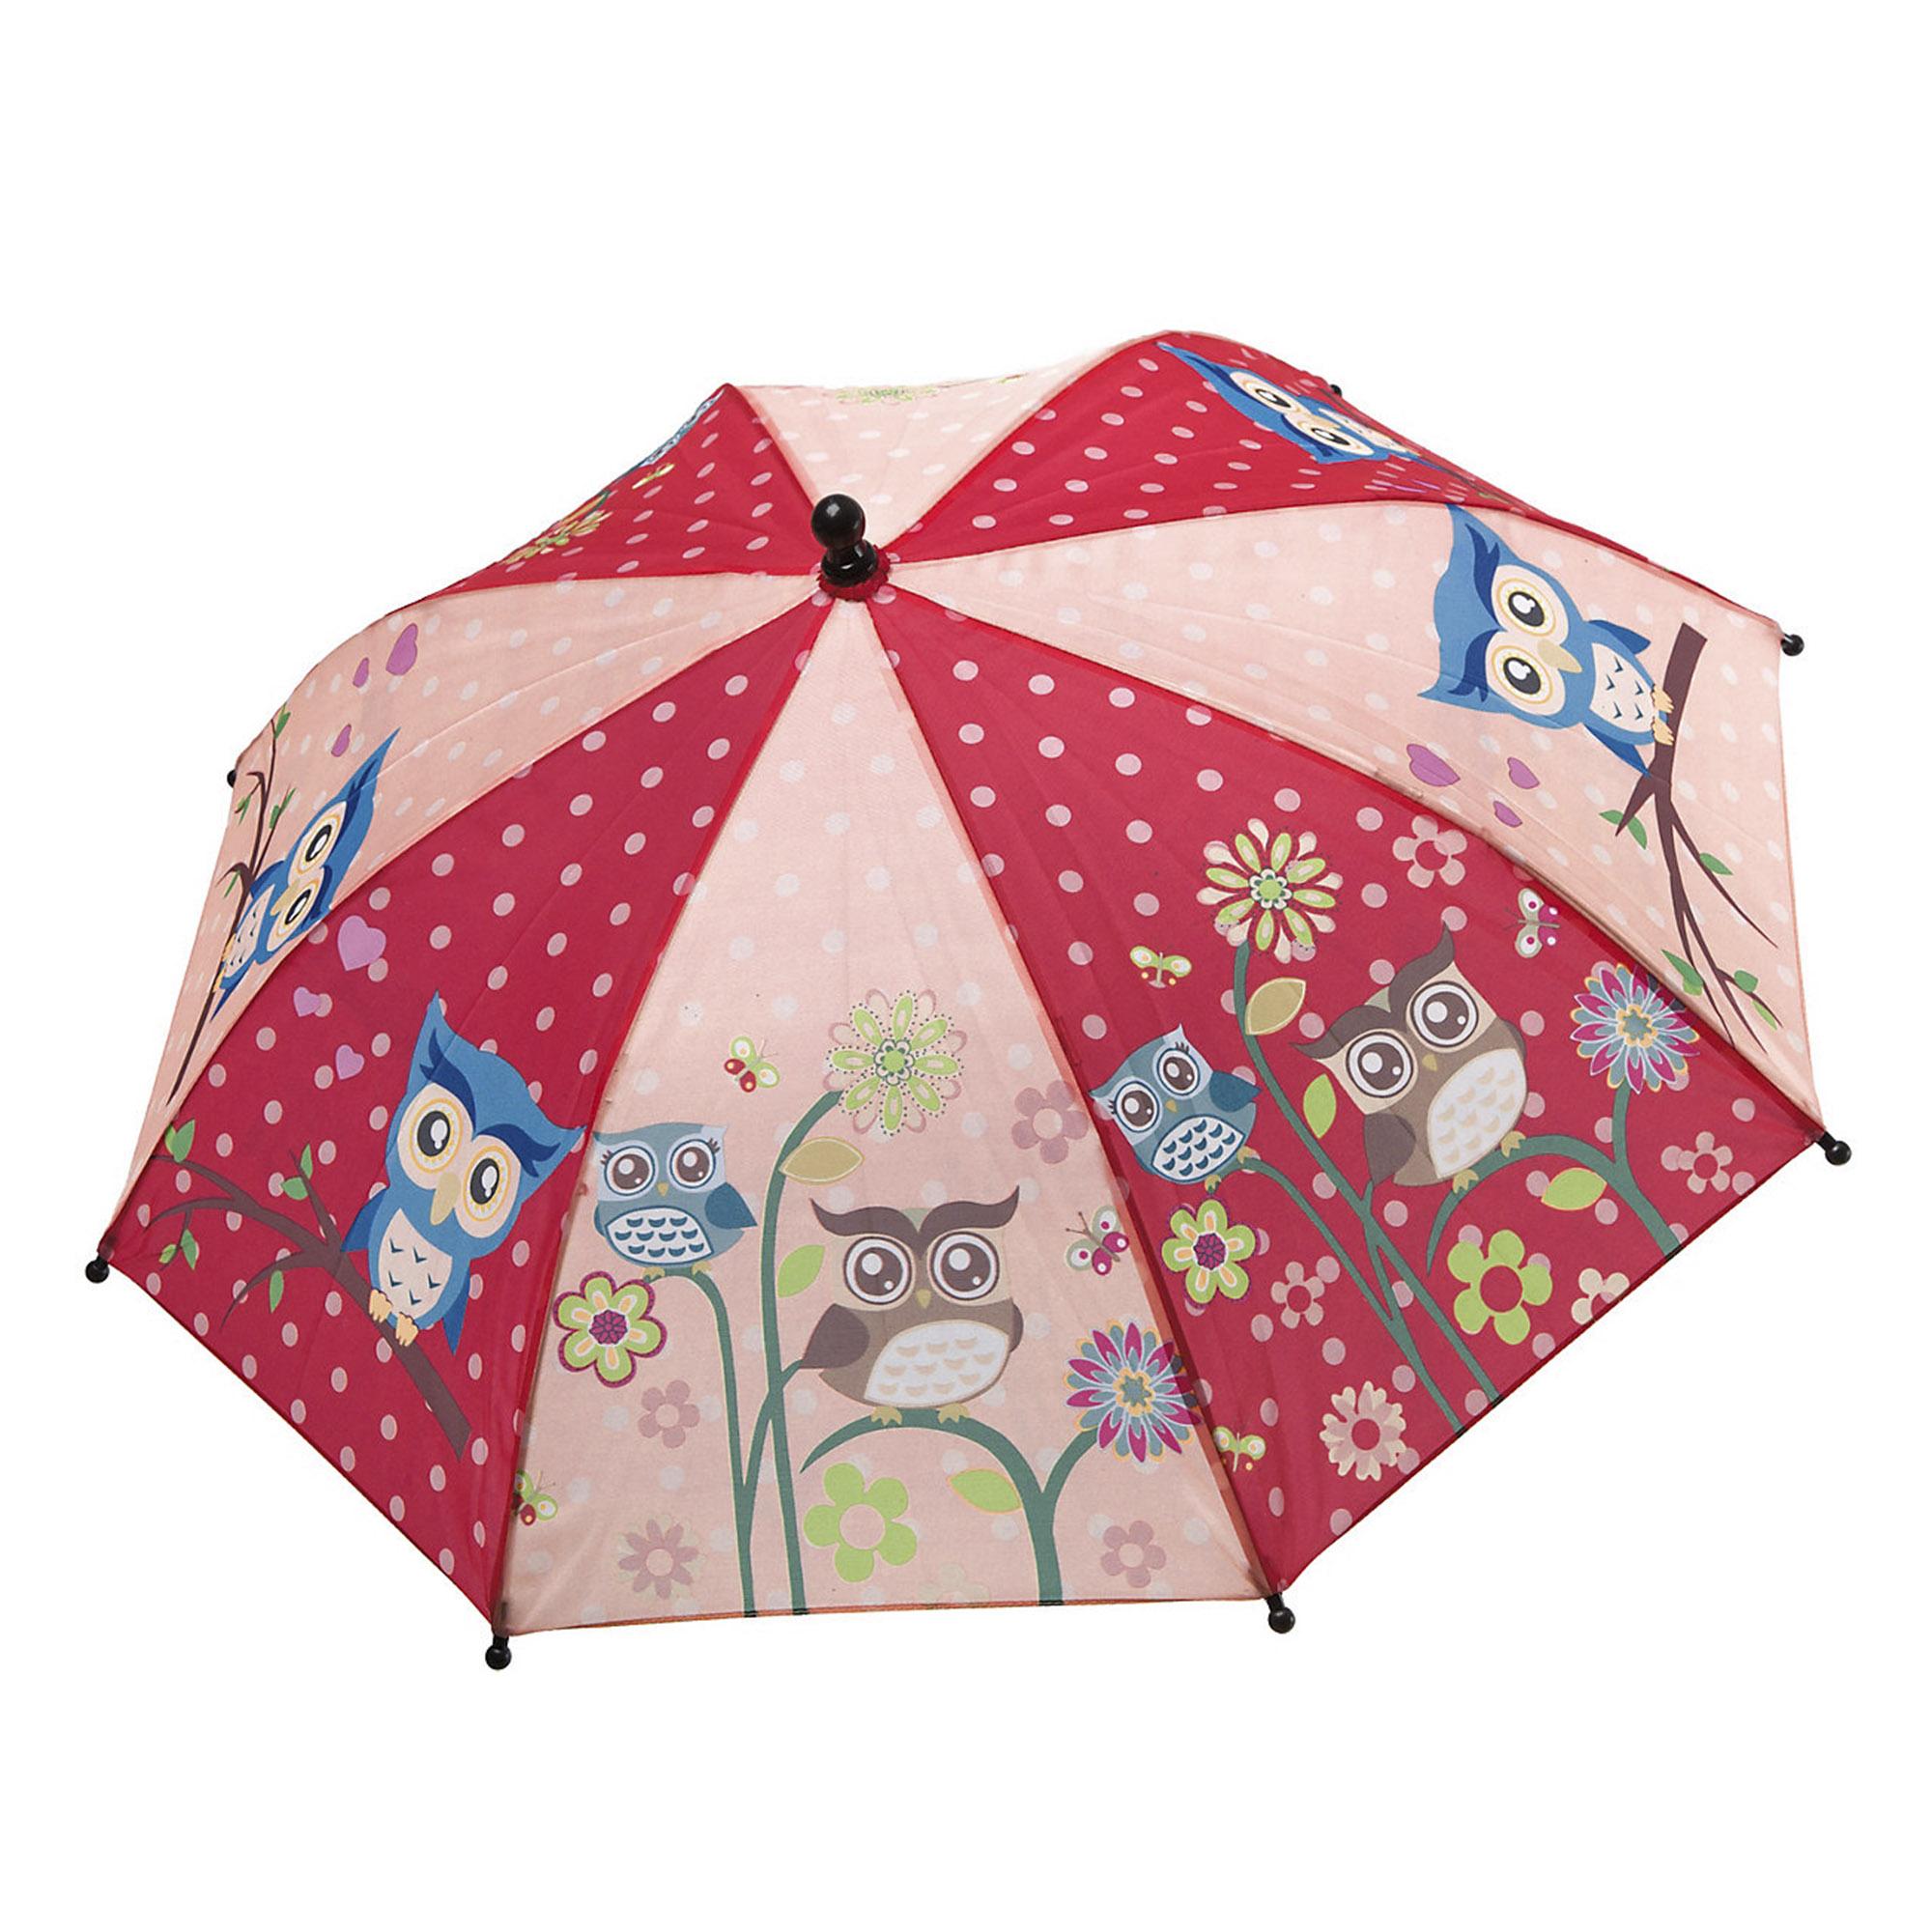 Зонт детский механический BONDIBON розовый/ красный с совятами ВВ4432